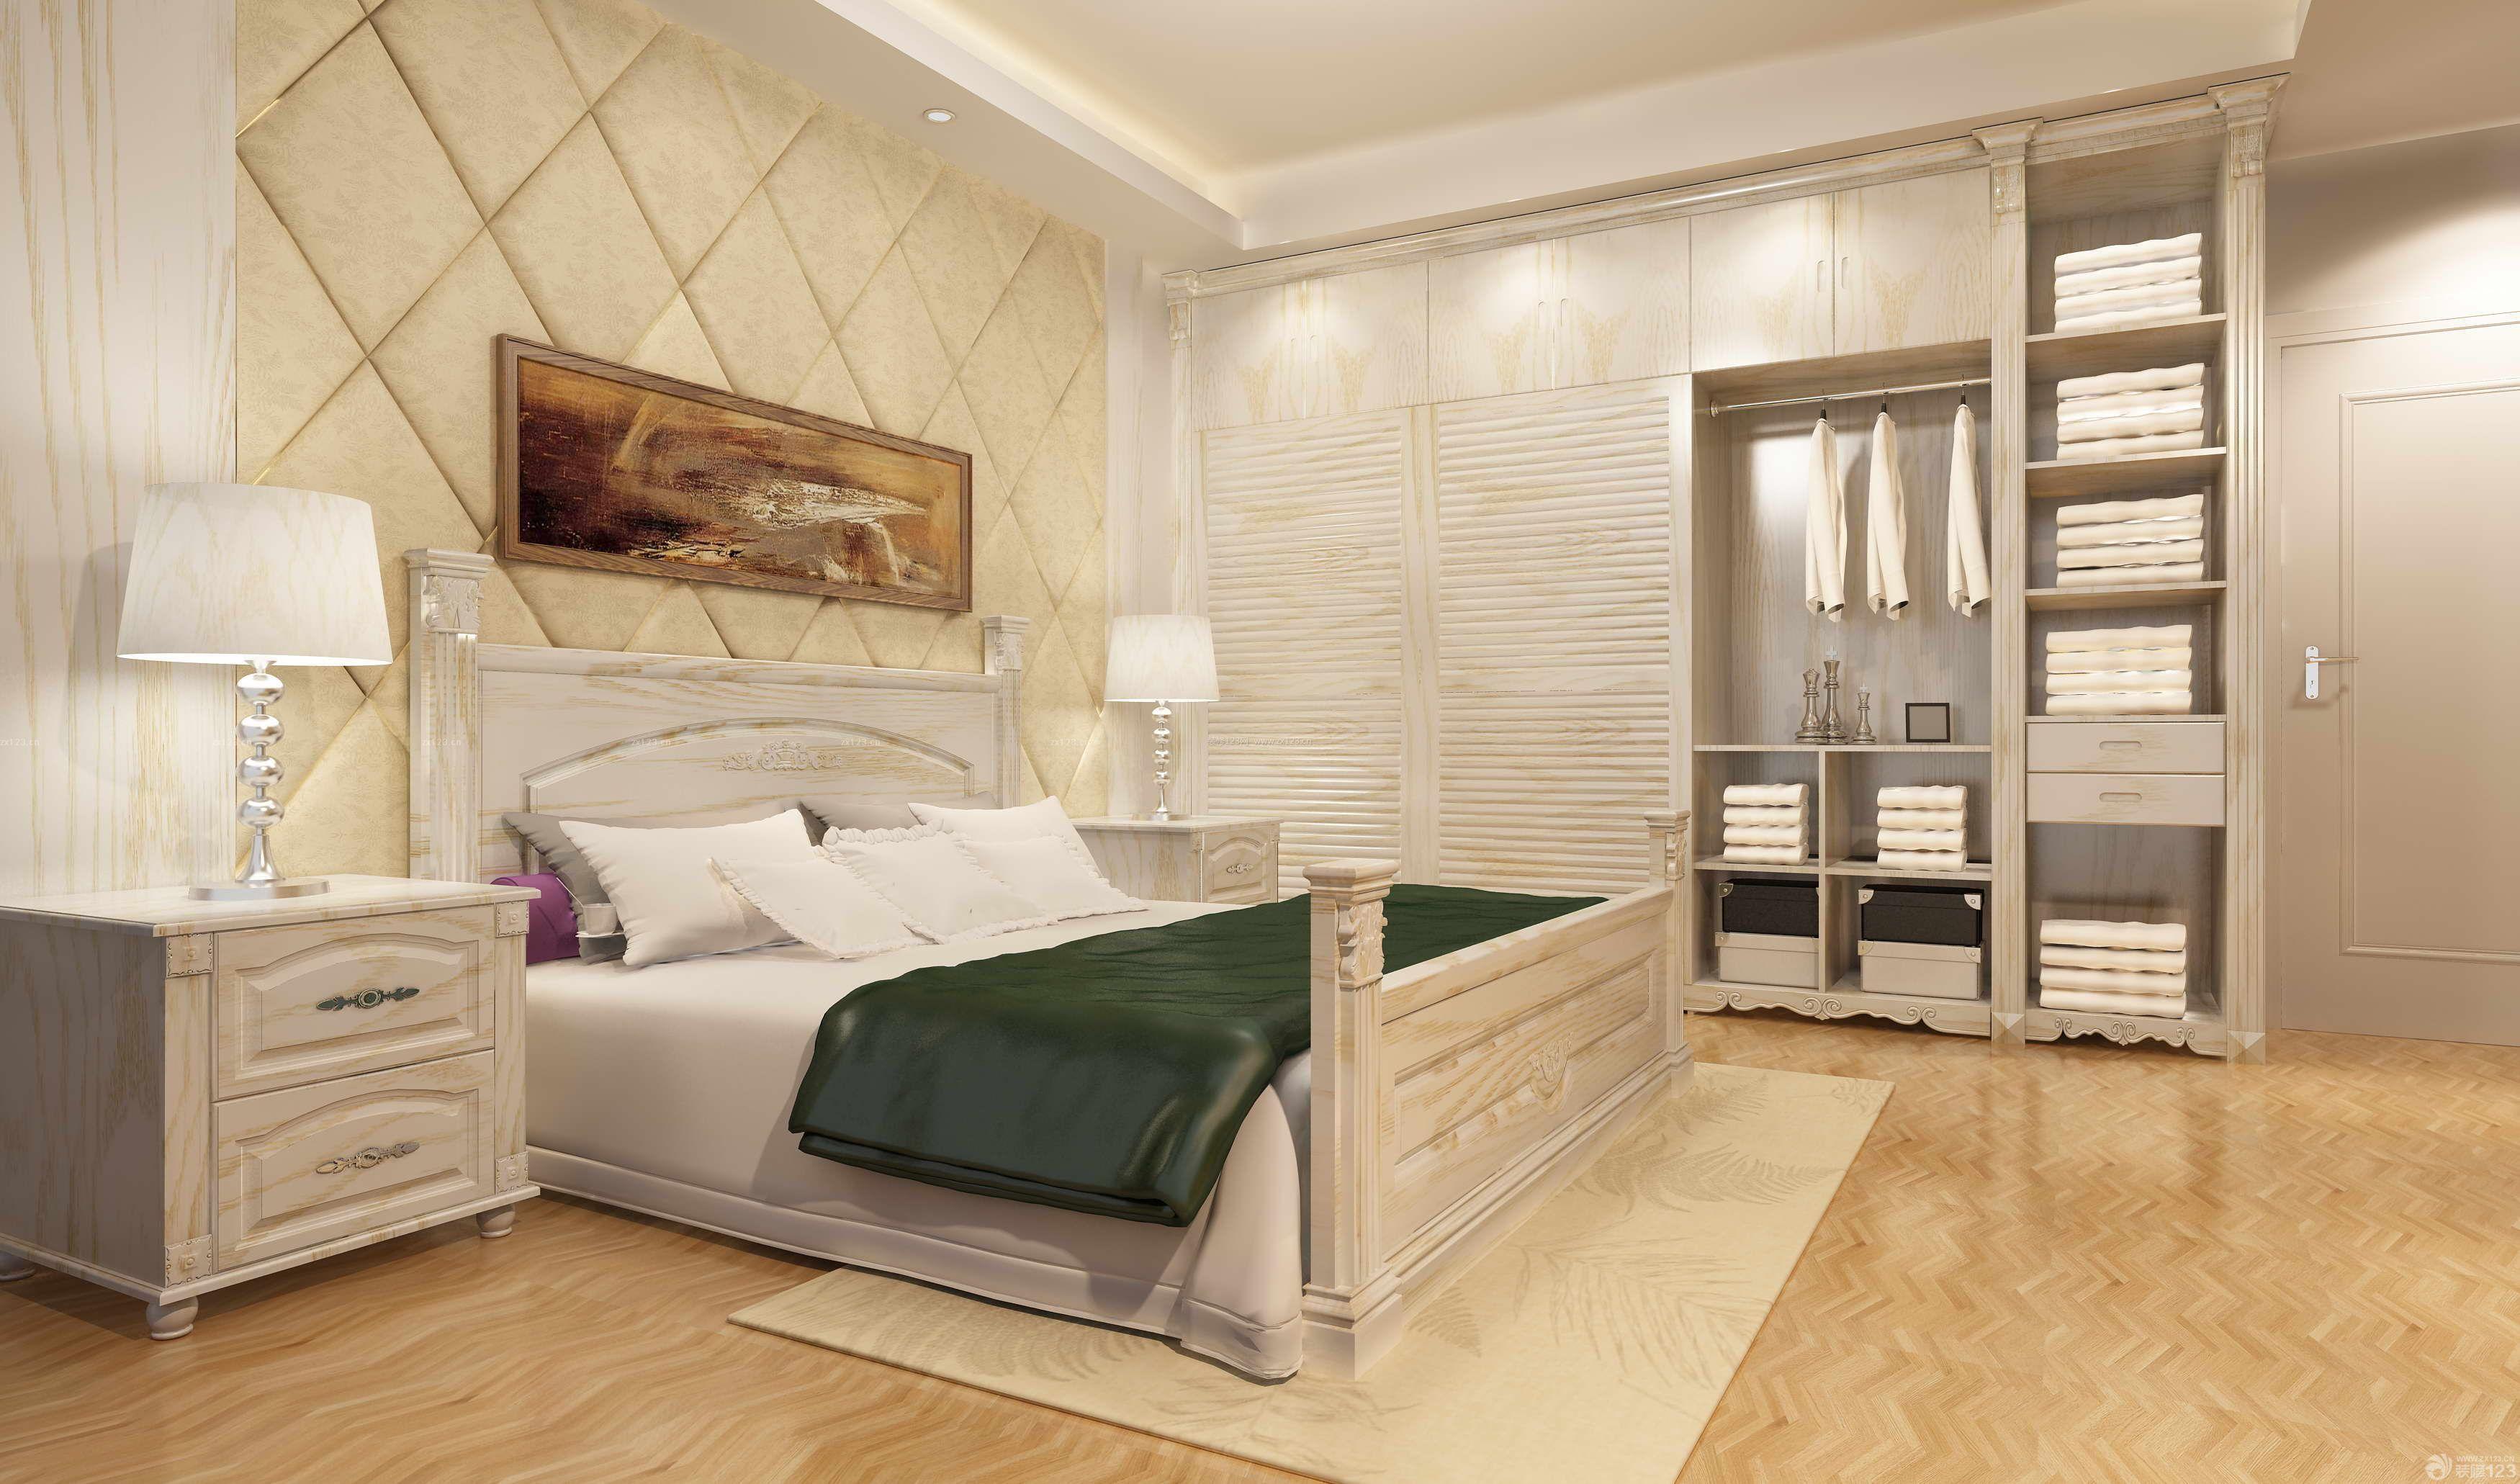 现代欧式主卧室衣柜装修效果图欣赏